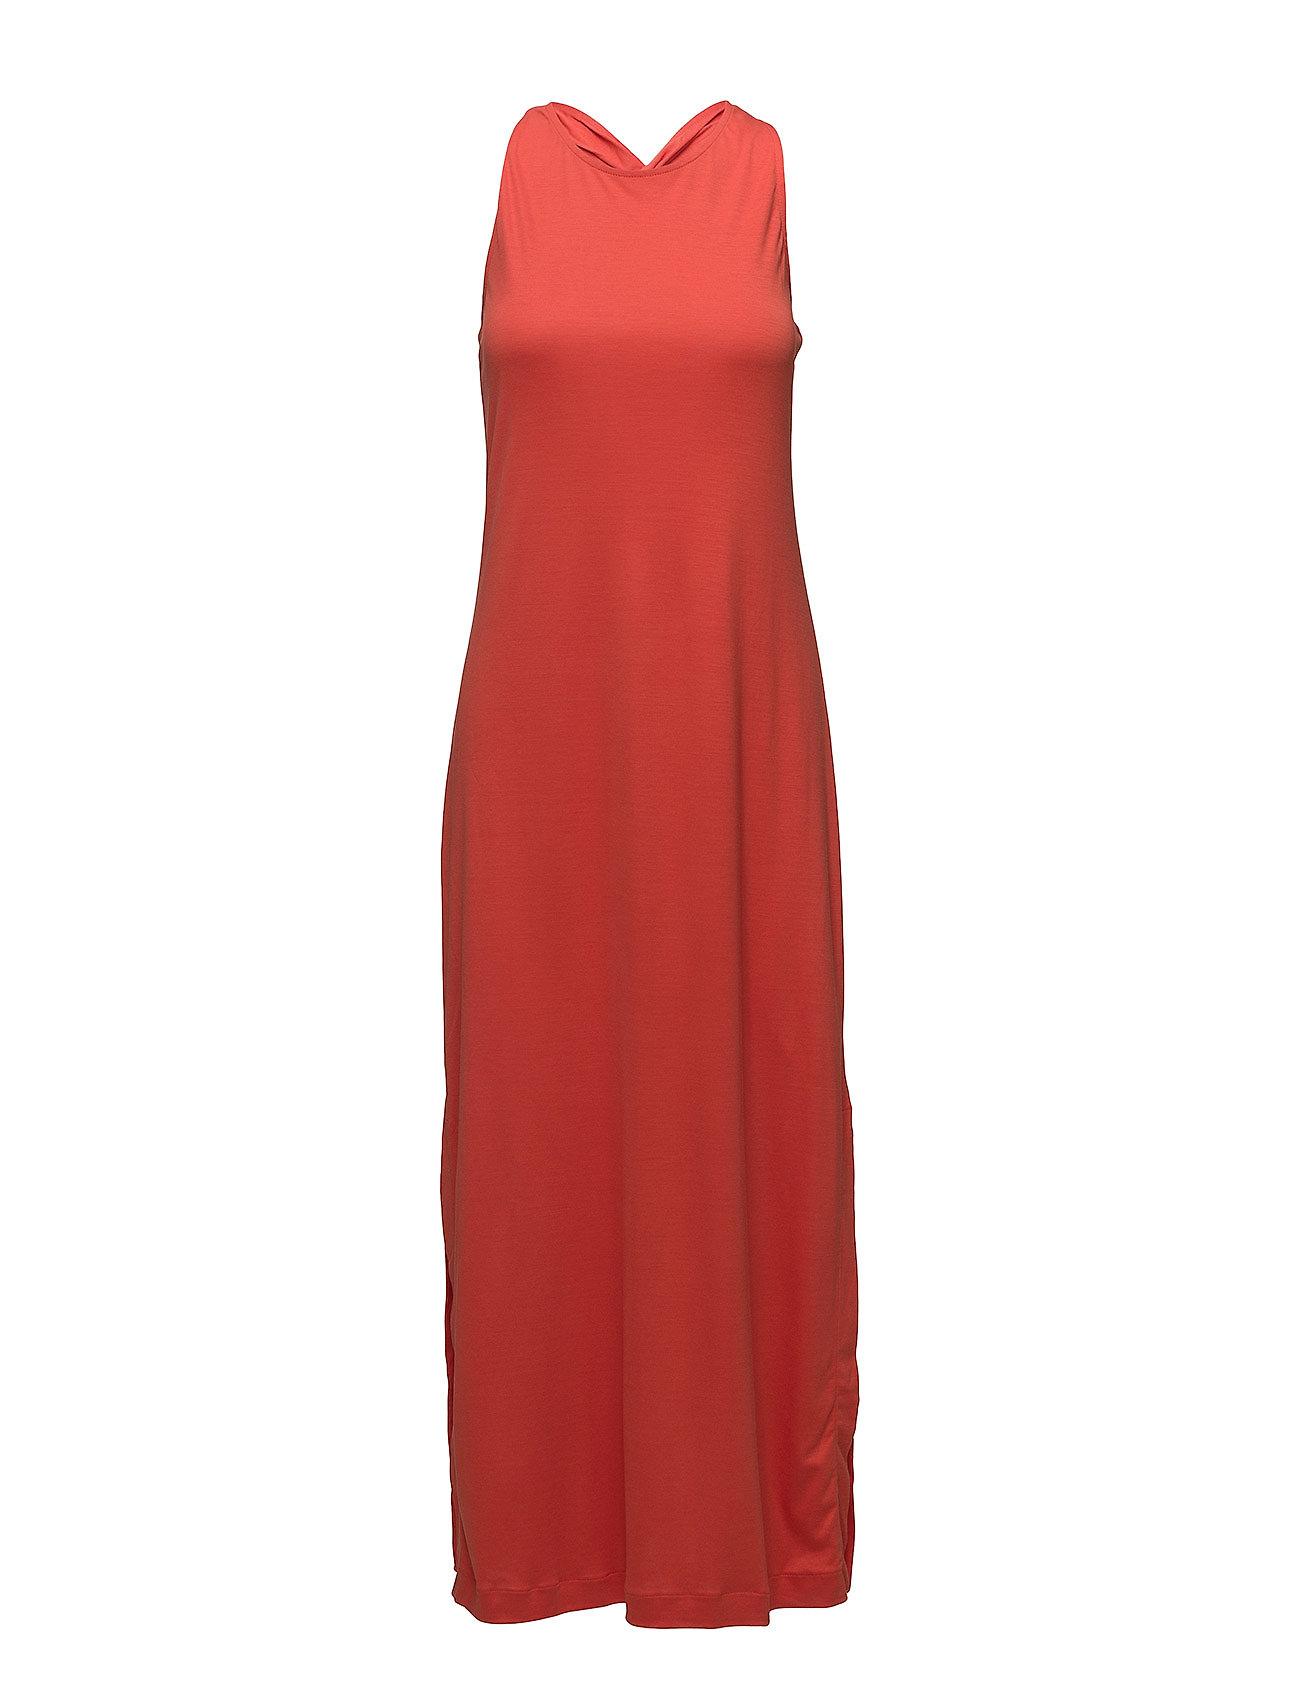 Filippa K Twisted Tank Dress